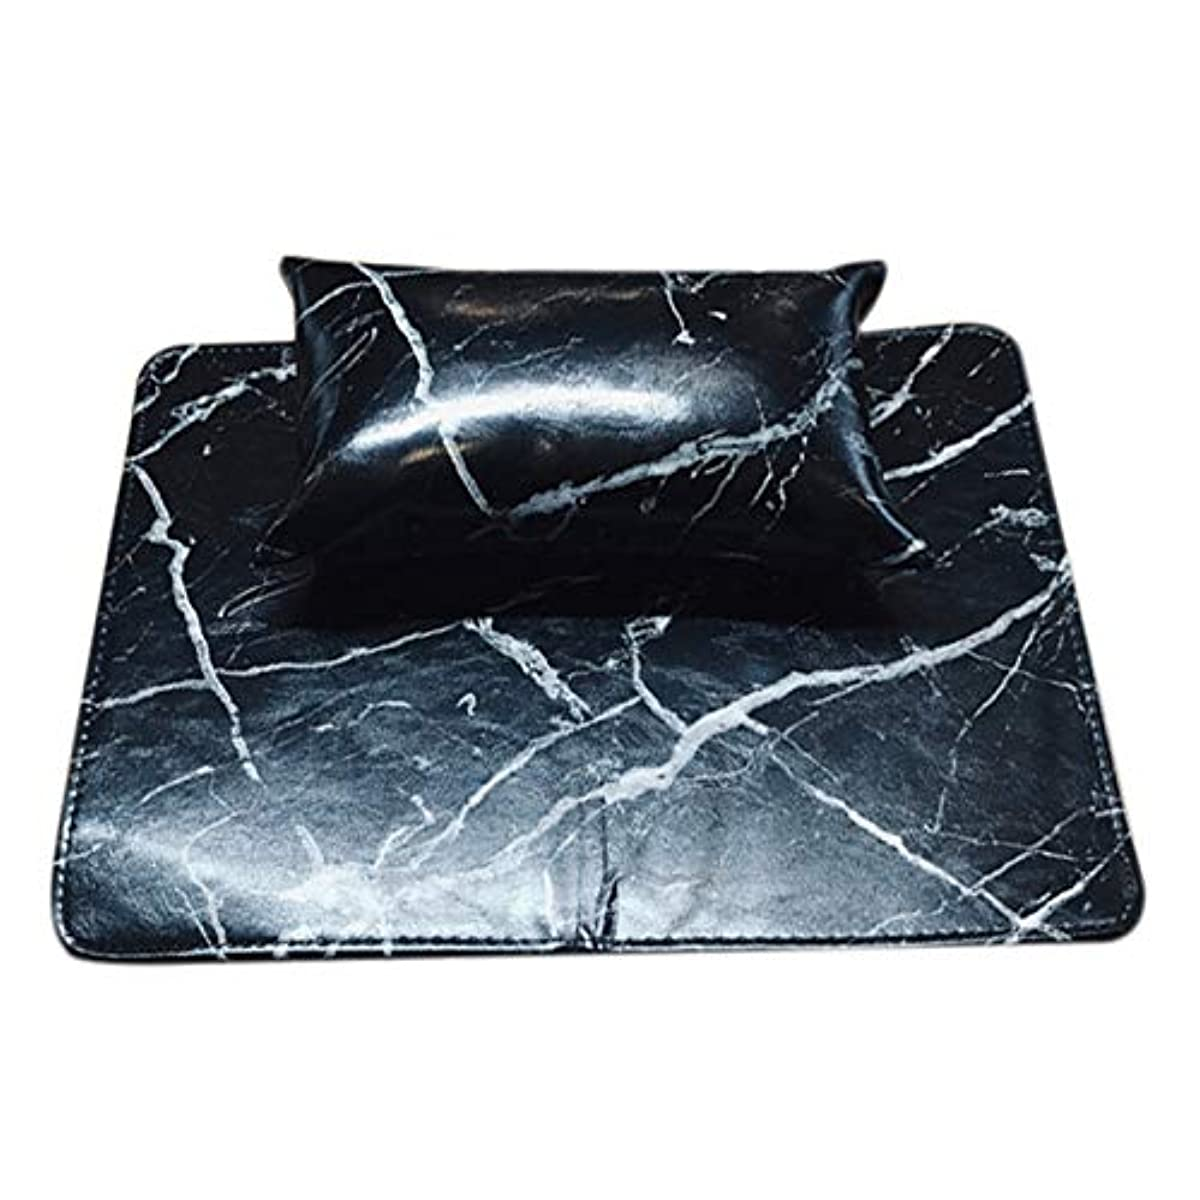 原稿地殻プレミアTOOGOO マニキュアツール ソフトハンドクッション枕とパッドレストネイルアートアームレストホルダー マニキュアネイルアートアクセサリーレザー(2個 一体化)ブラック